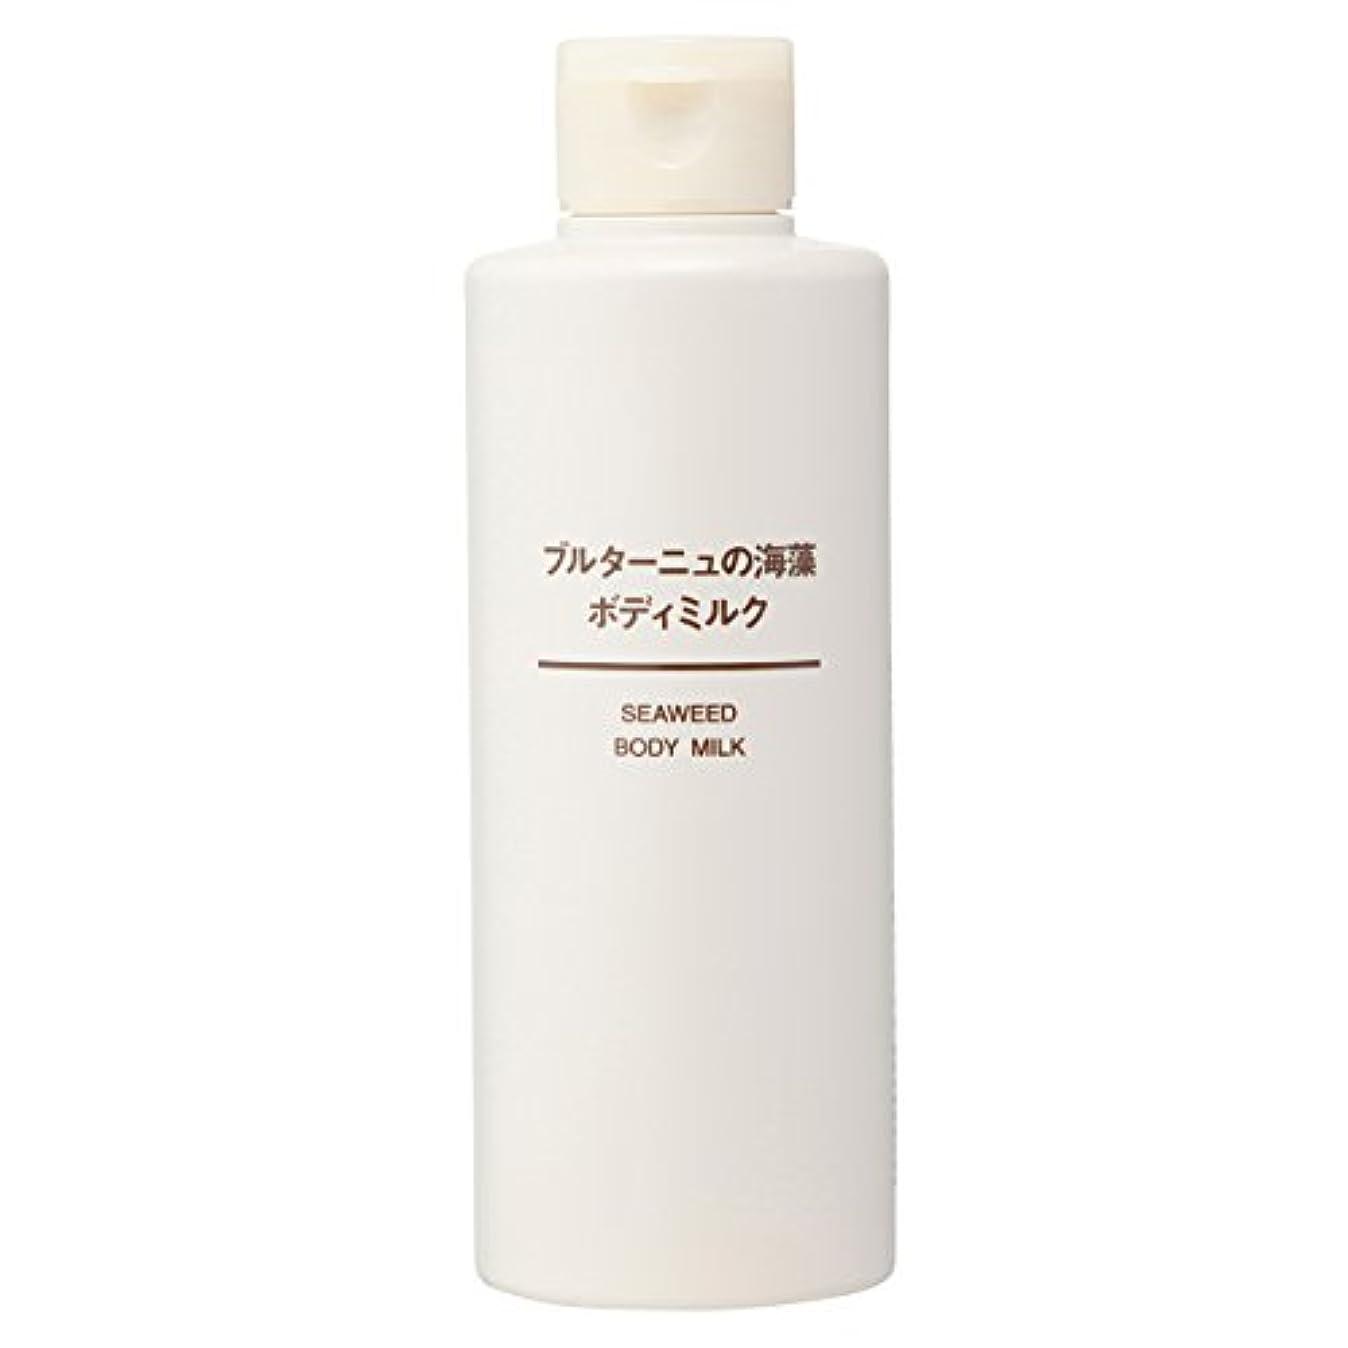 毎月注釈を付ける韓国無印良品 ブルターニュの海藻 ボディミルク 200ml 日本製